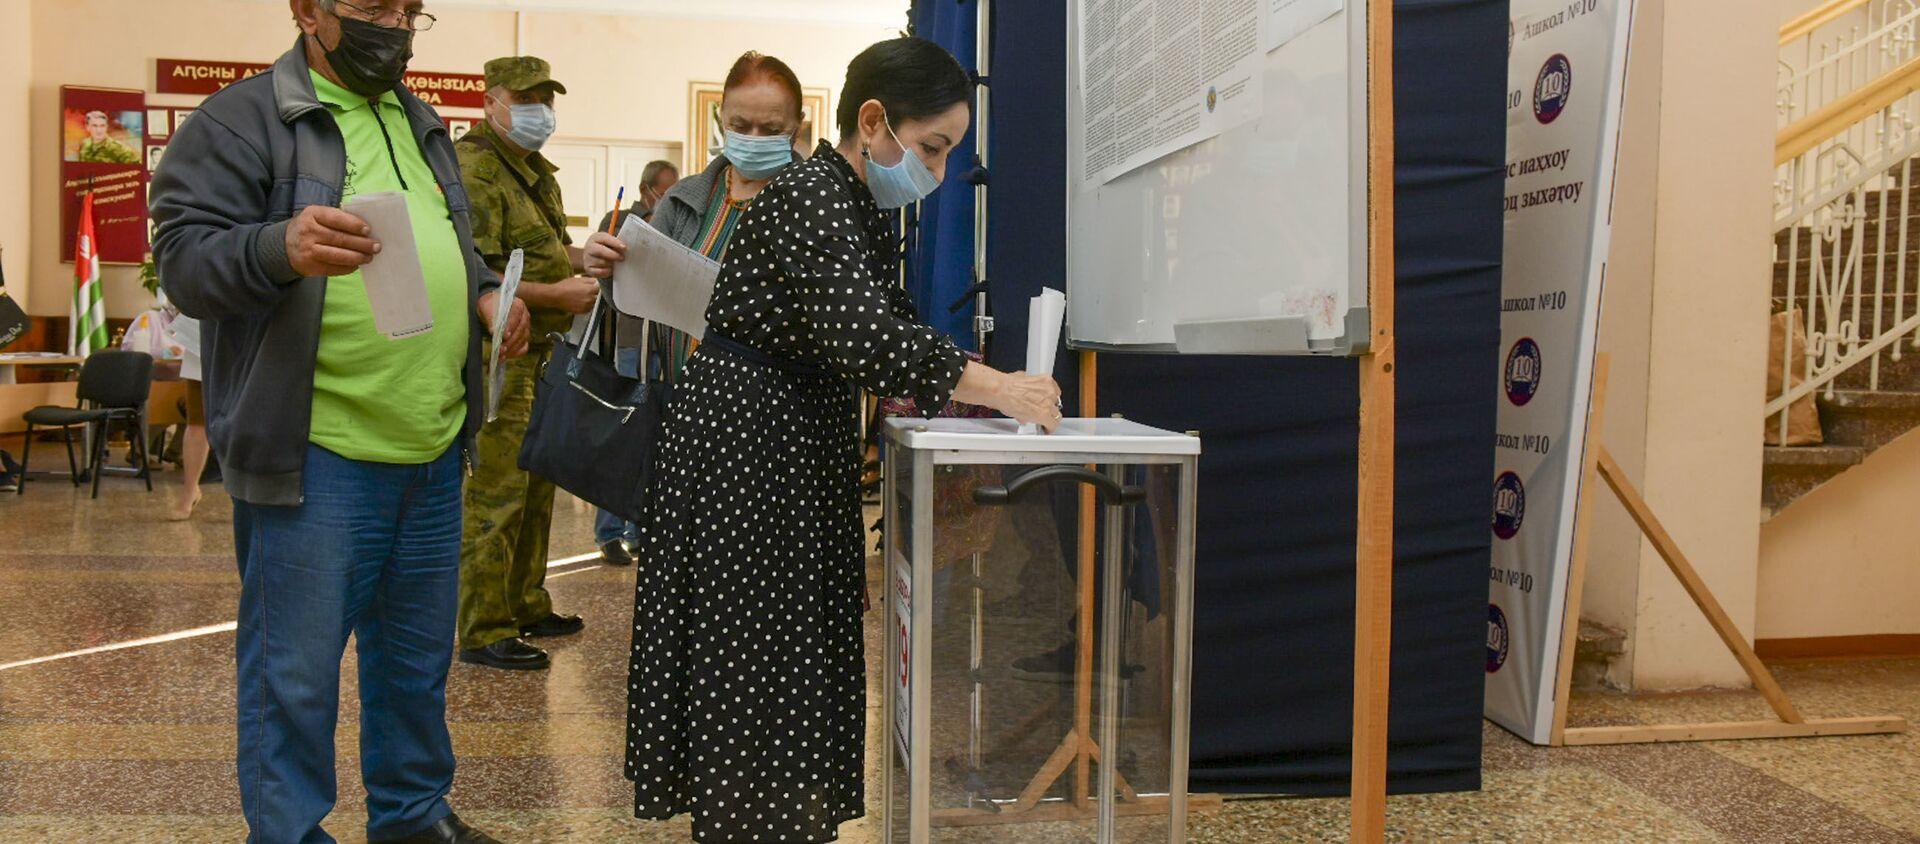 В Абхазии началось голосование на выборах в Госдуму России - Sputnik Абхазия, 1920, 21.09.2021